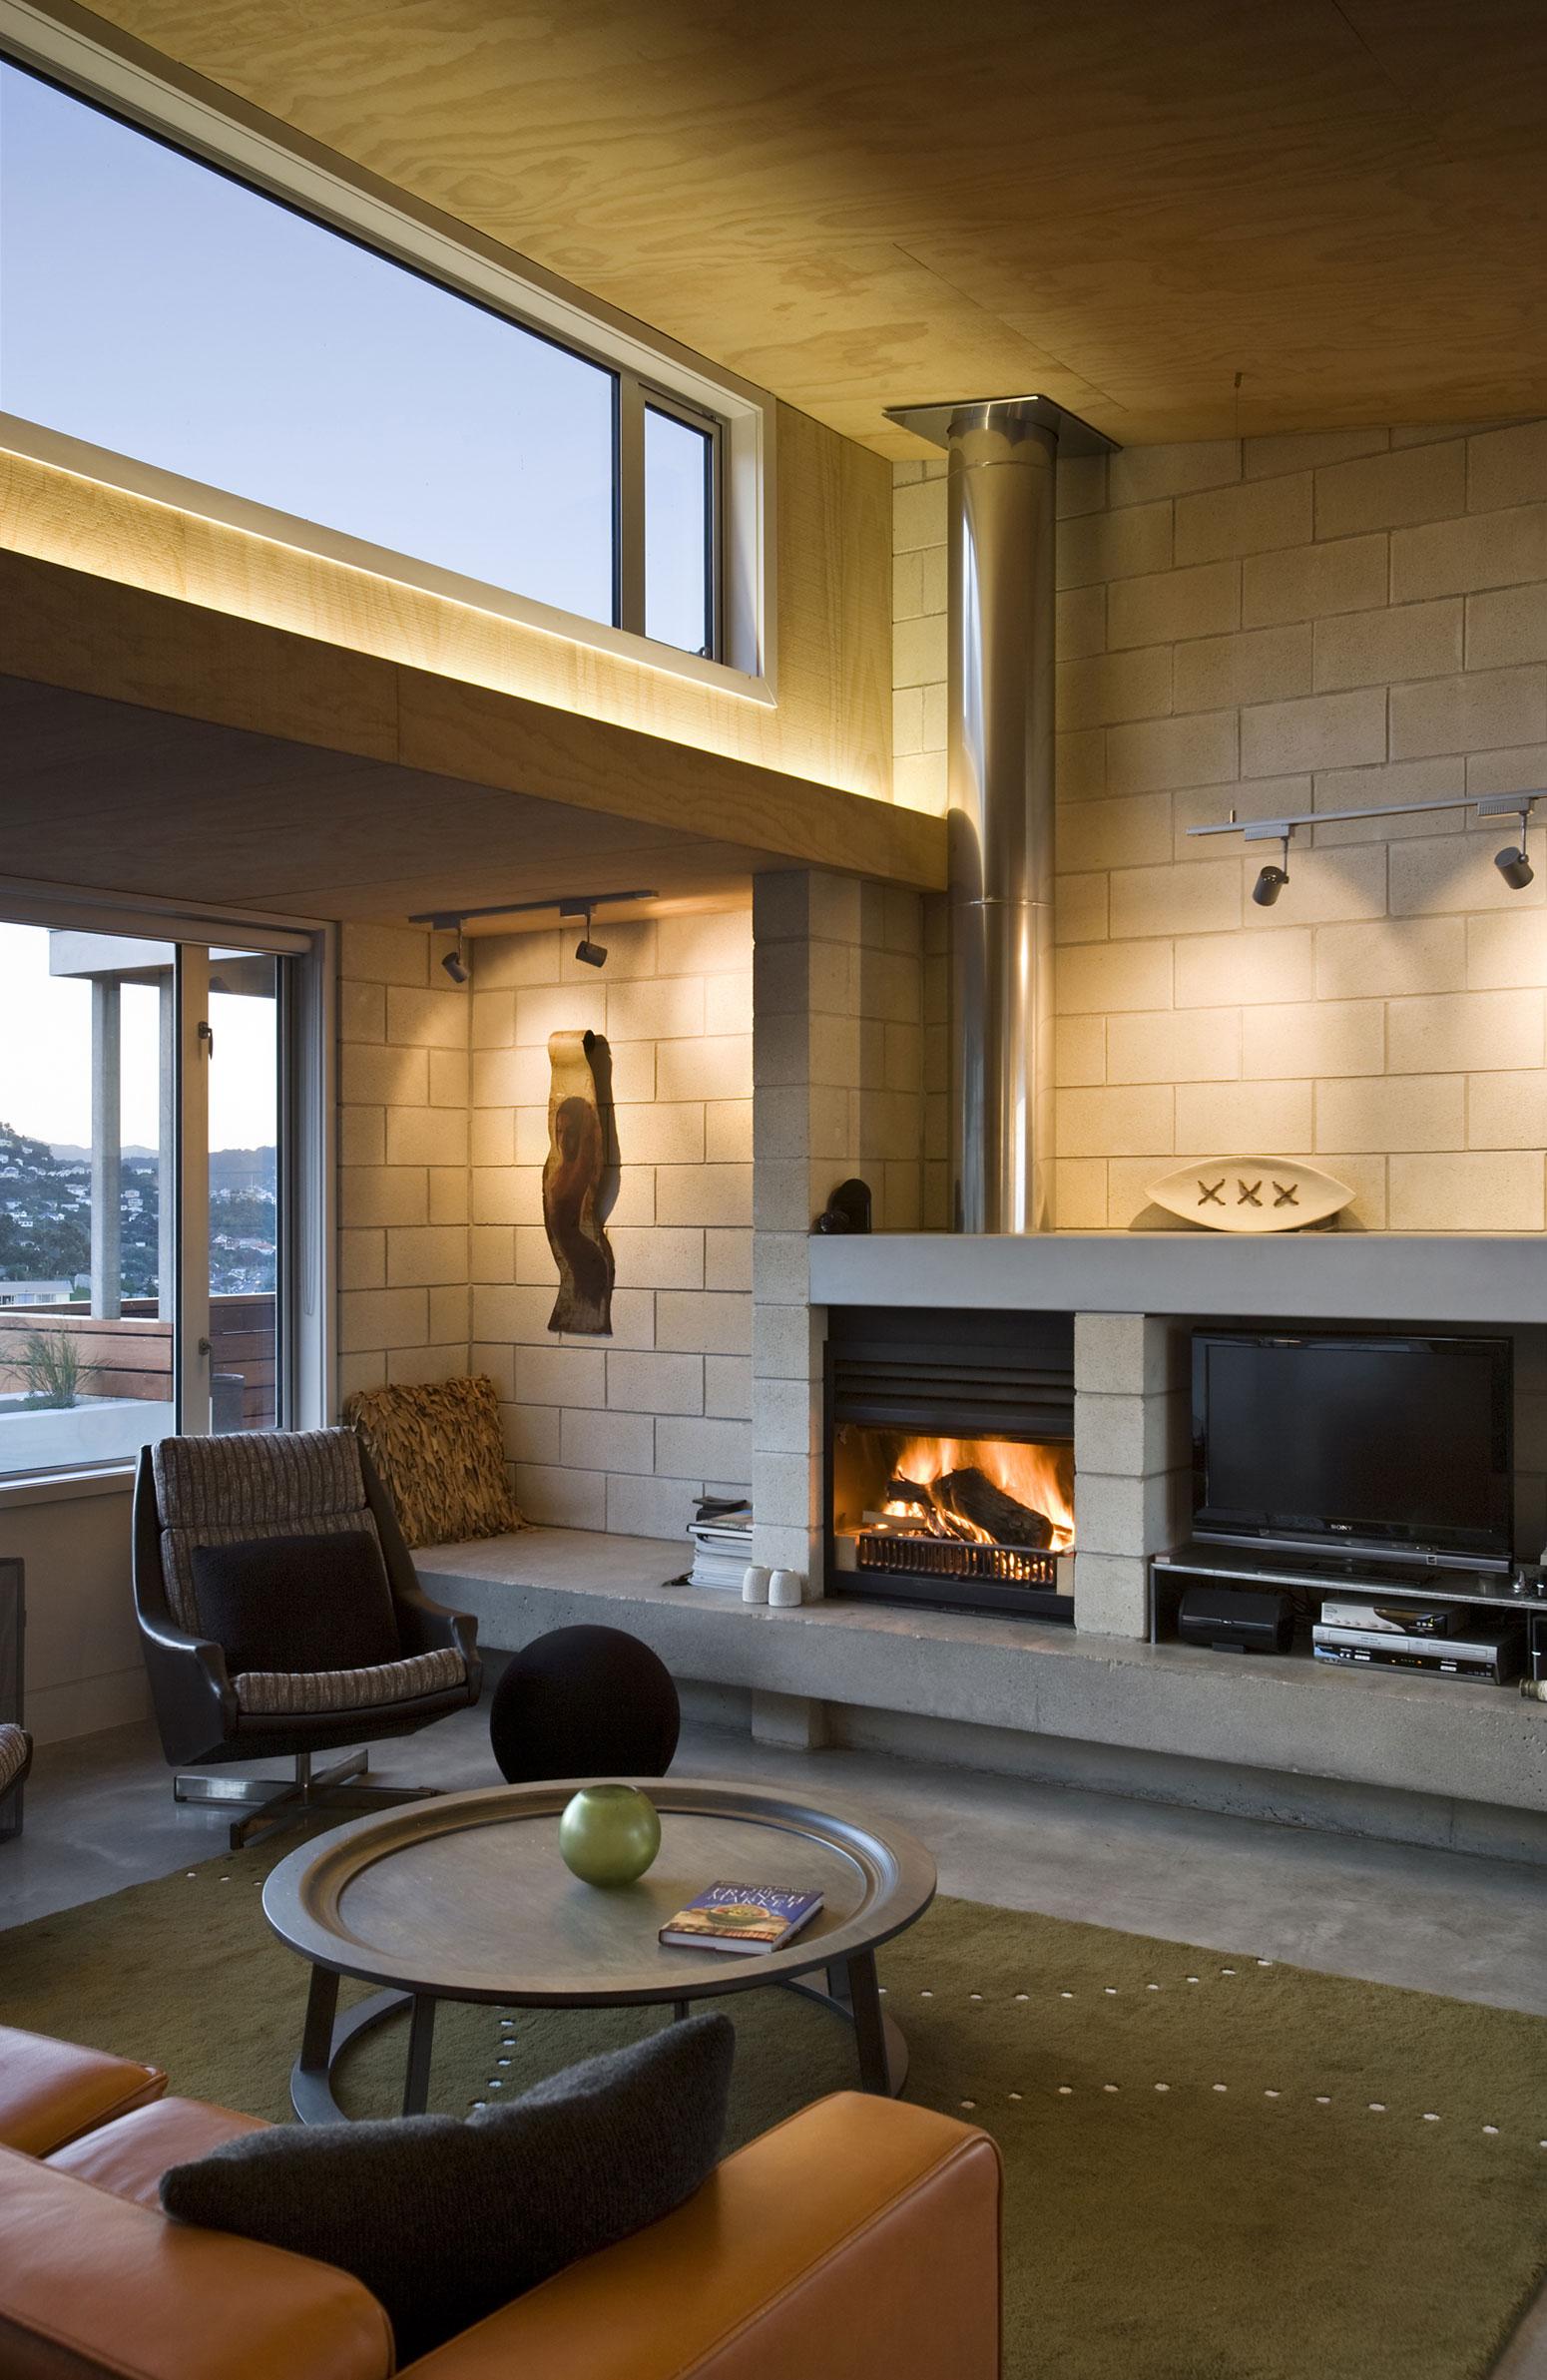 Камин в интерьере гостиной - Фото 16